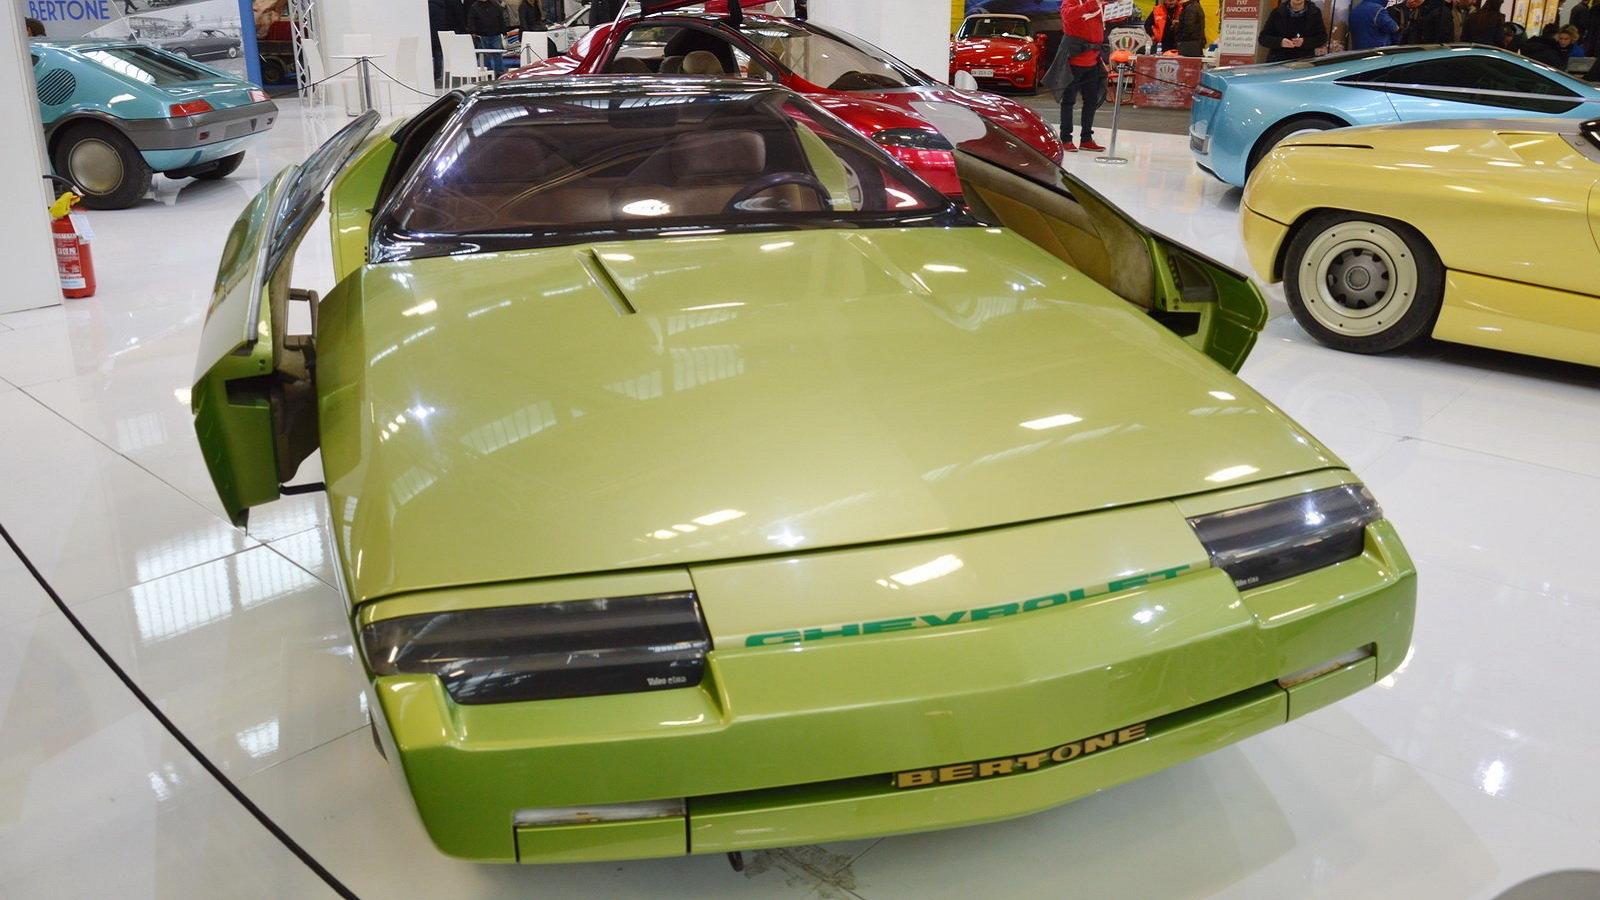 Bertone Ramarro: Futuristic Italian Corvette Spaceship